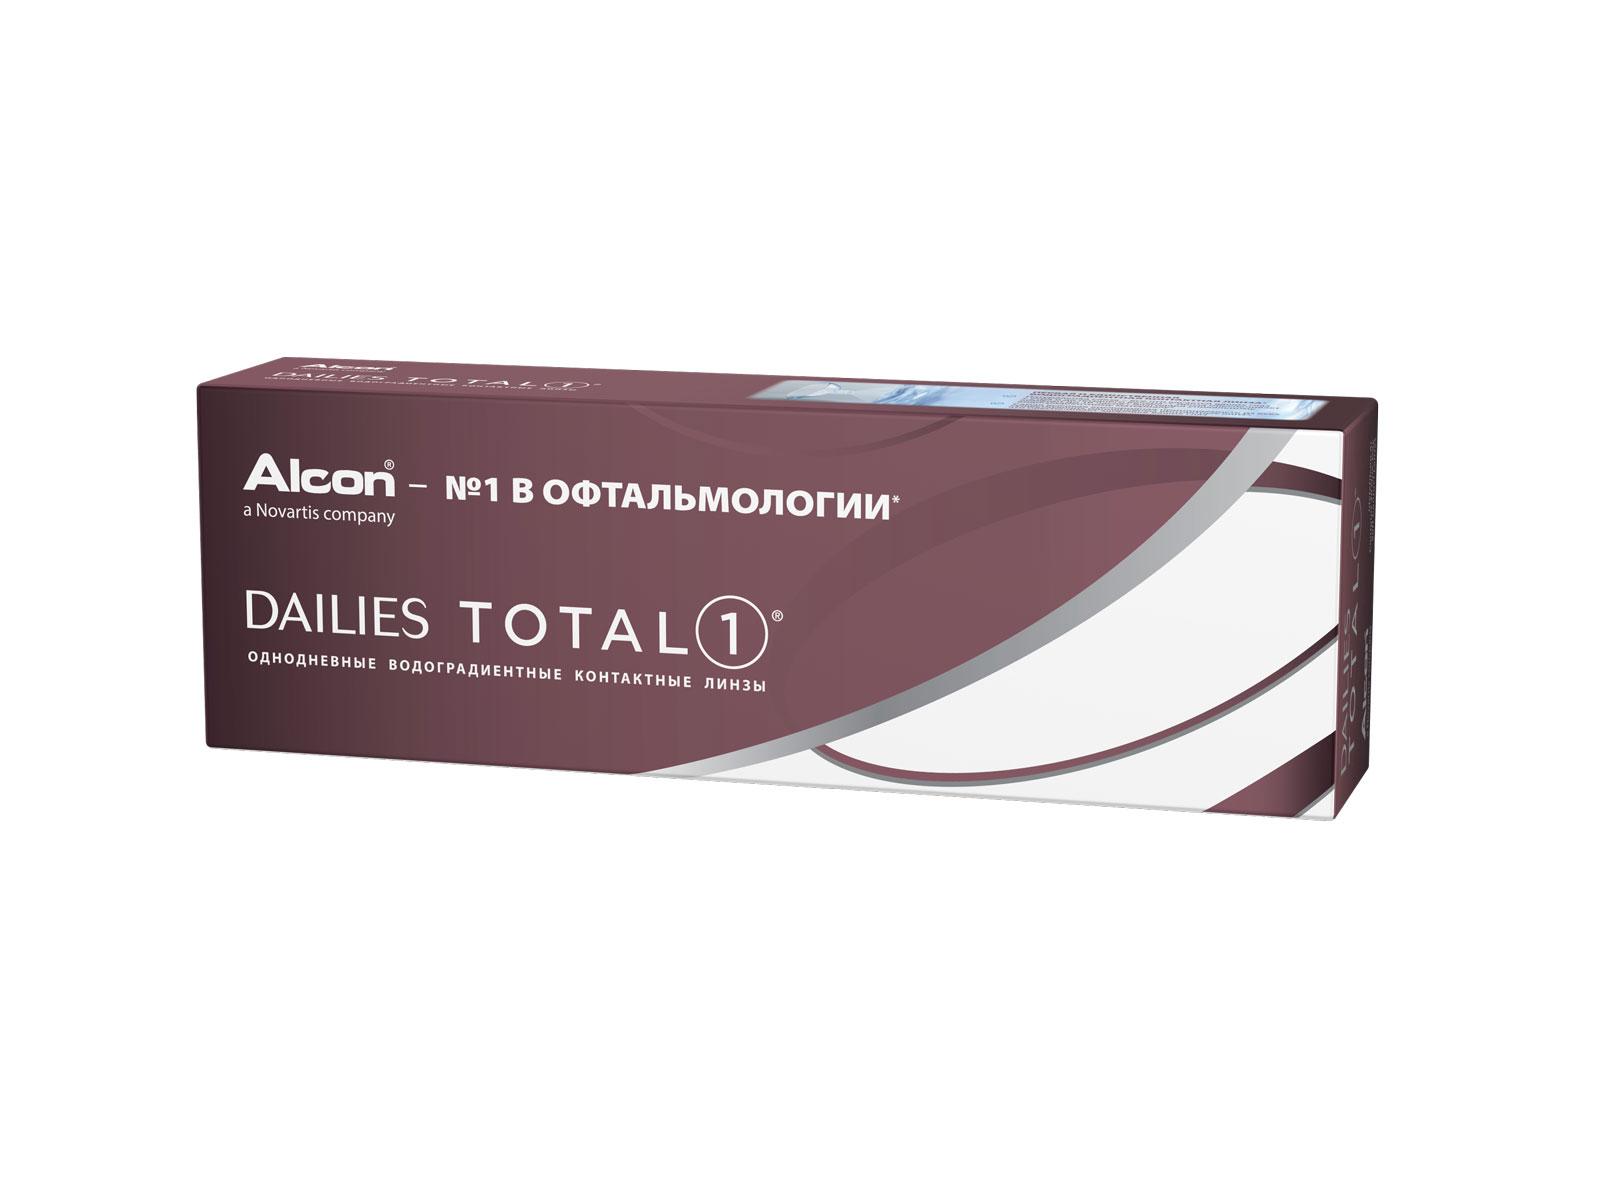 Alcon контактные линзы Dailies Total 1 30pk /-2.75 / 8.5 / 14.1100048362Dailies Total 1 – линзы, которые не чувствуешь с утра и до поздного вечера. Эти однодневные контактные линзы выполнены из уникального водоградиентного материала, багодаря которому натуральная слеза – это все, что касается ваших глаз. Почти 100% влаги на поверхности обеспечивают непревзойденный комфорт до 16 часов ношения.